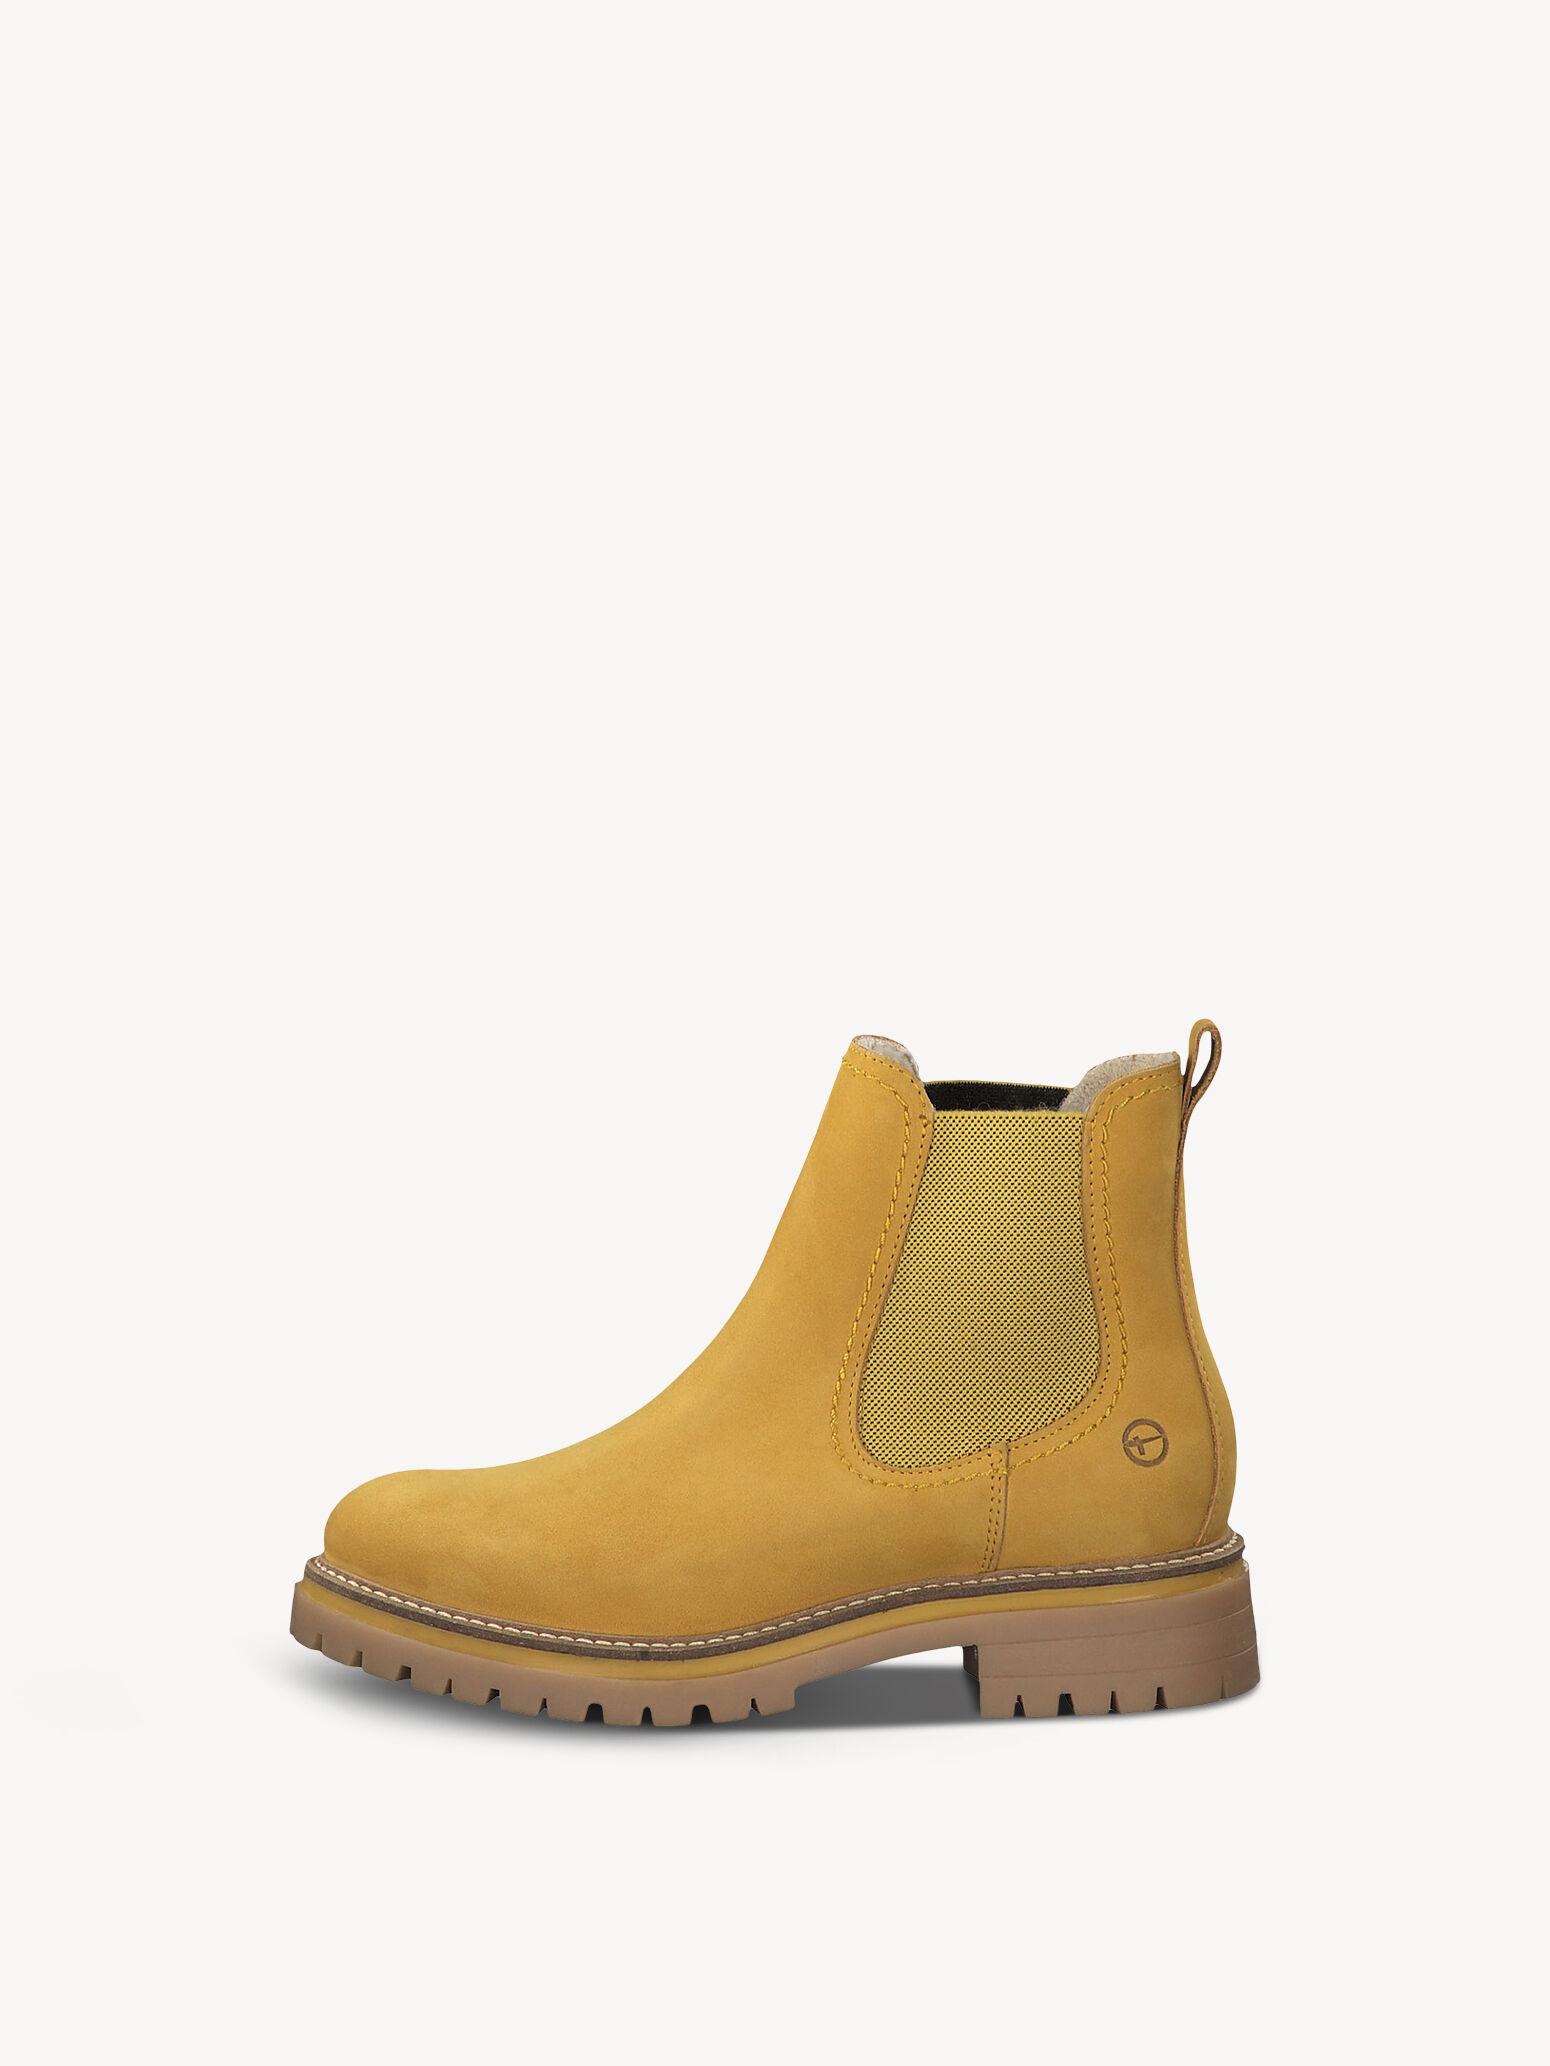 tamaris shoes buy online, Tamaris women's 25445 chelsea